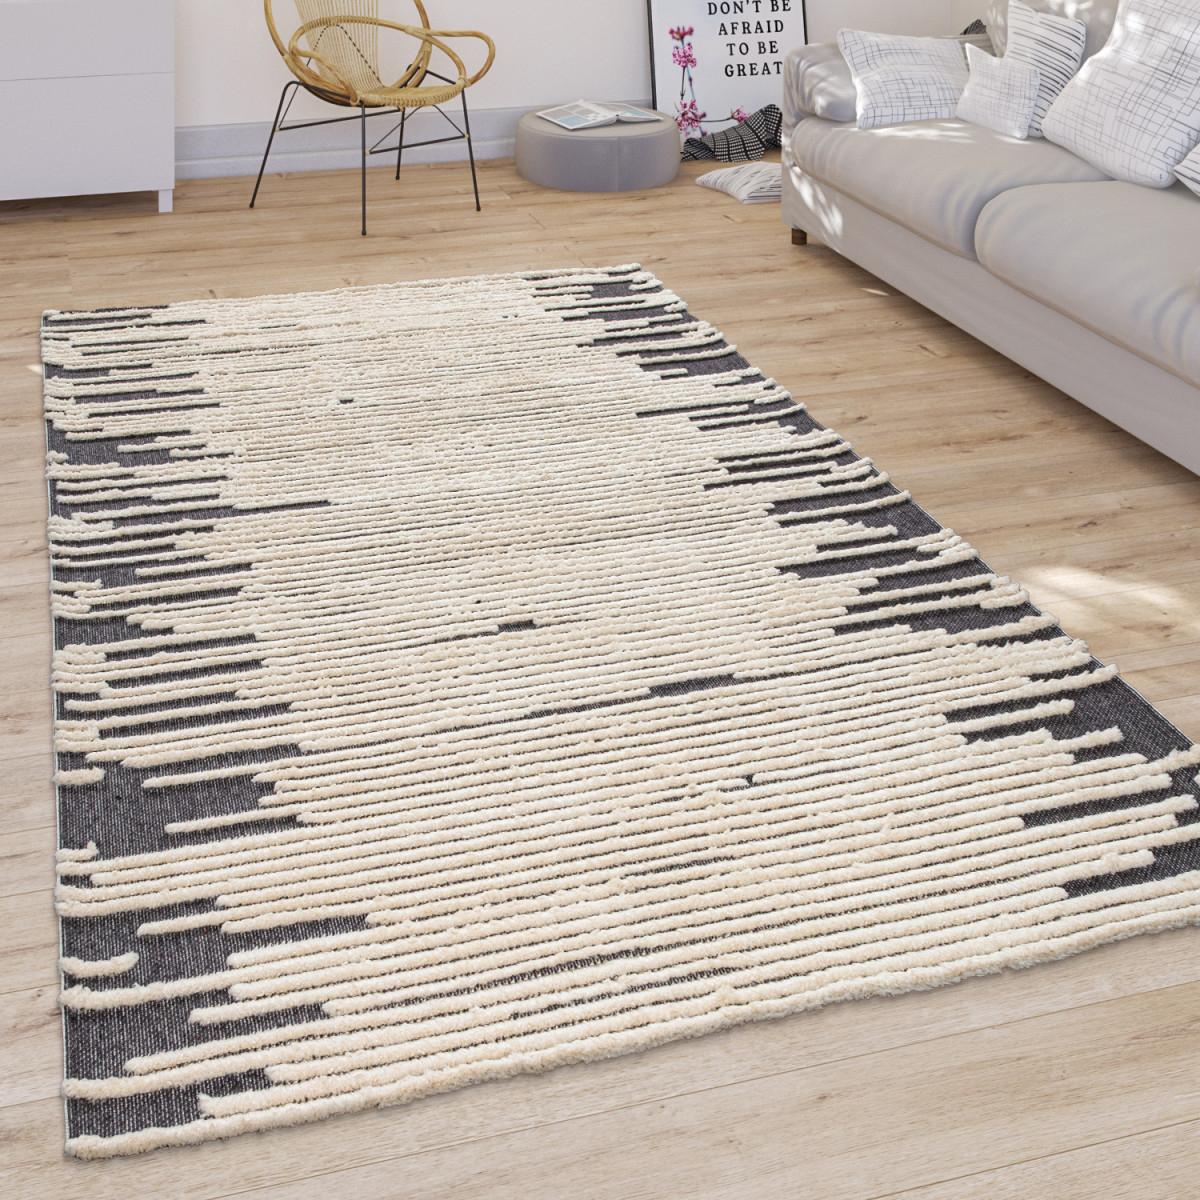 Teppich Wohnzimmer Modernes Skandi Cutout Muster Kurzflor Hell In Creme von Wohnzimmer Teppich Hell Photo